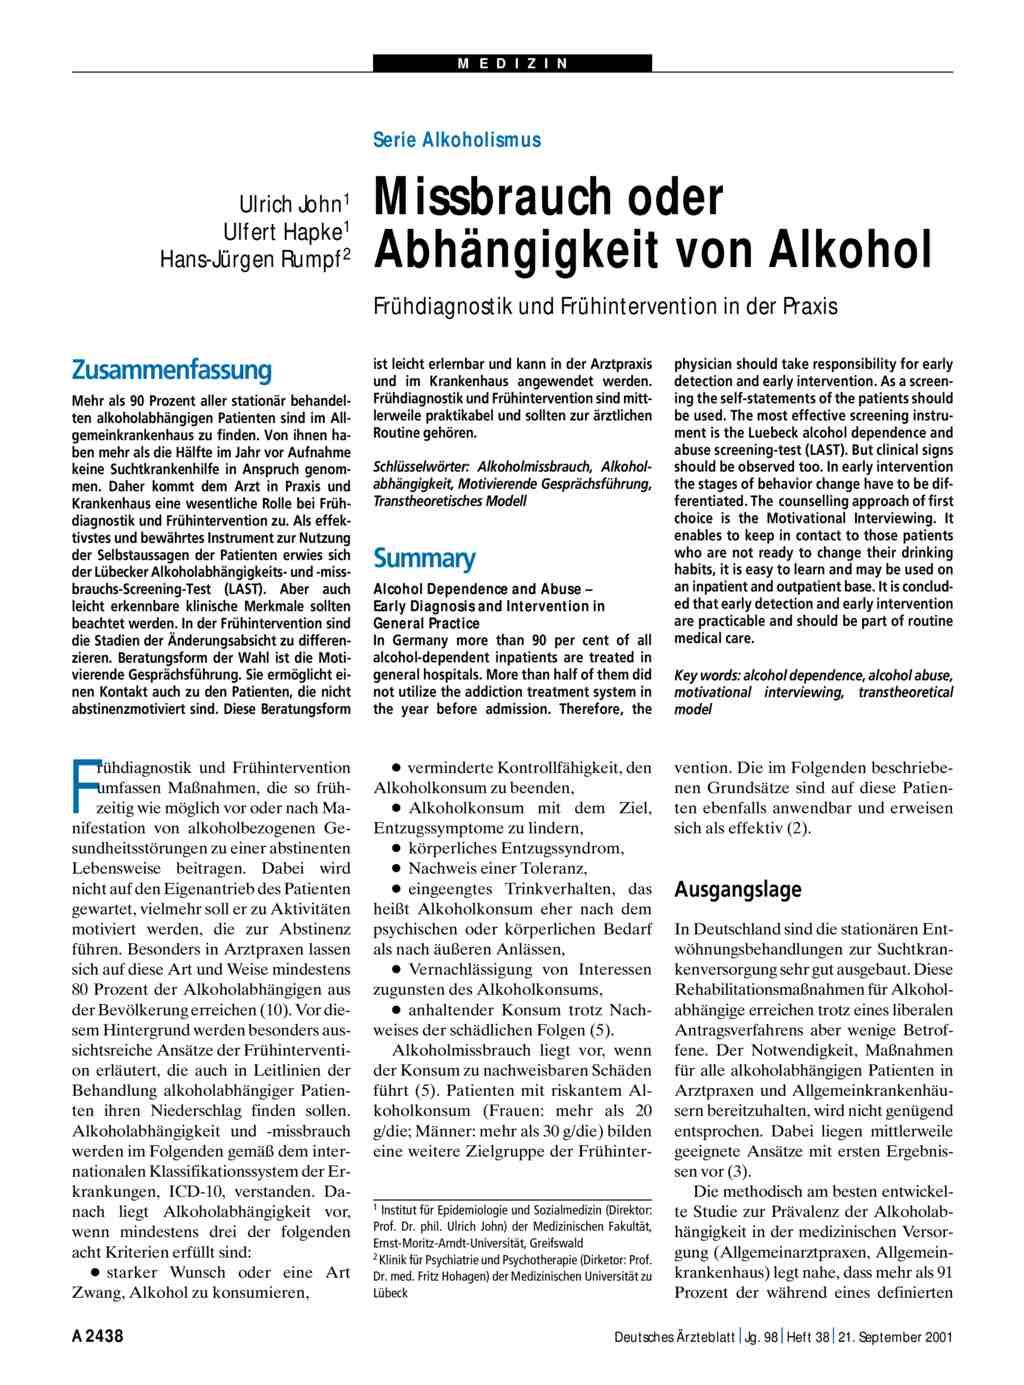 Serie - Alkoholismus: Missbrauch oder Abhängigkeit von Alkohol